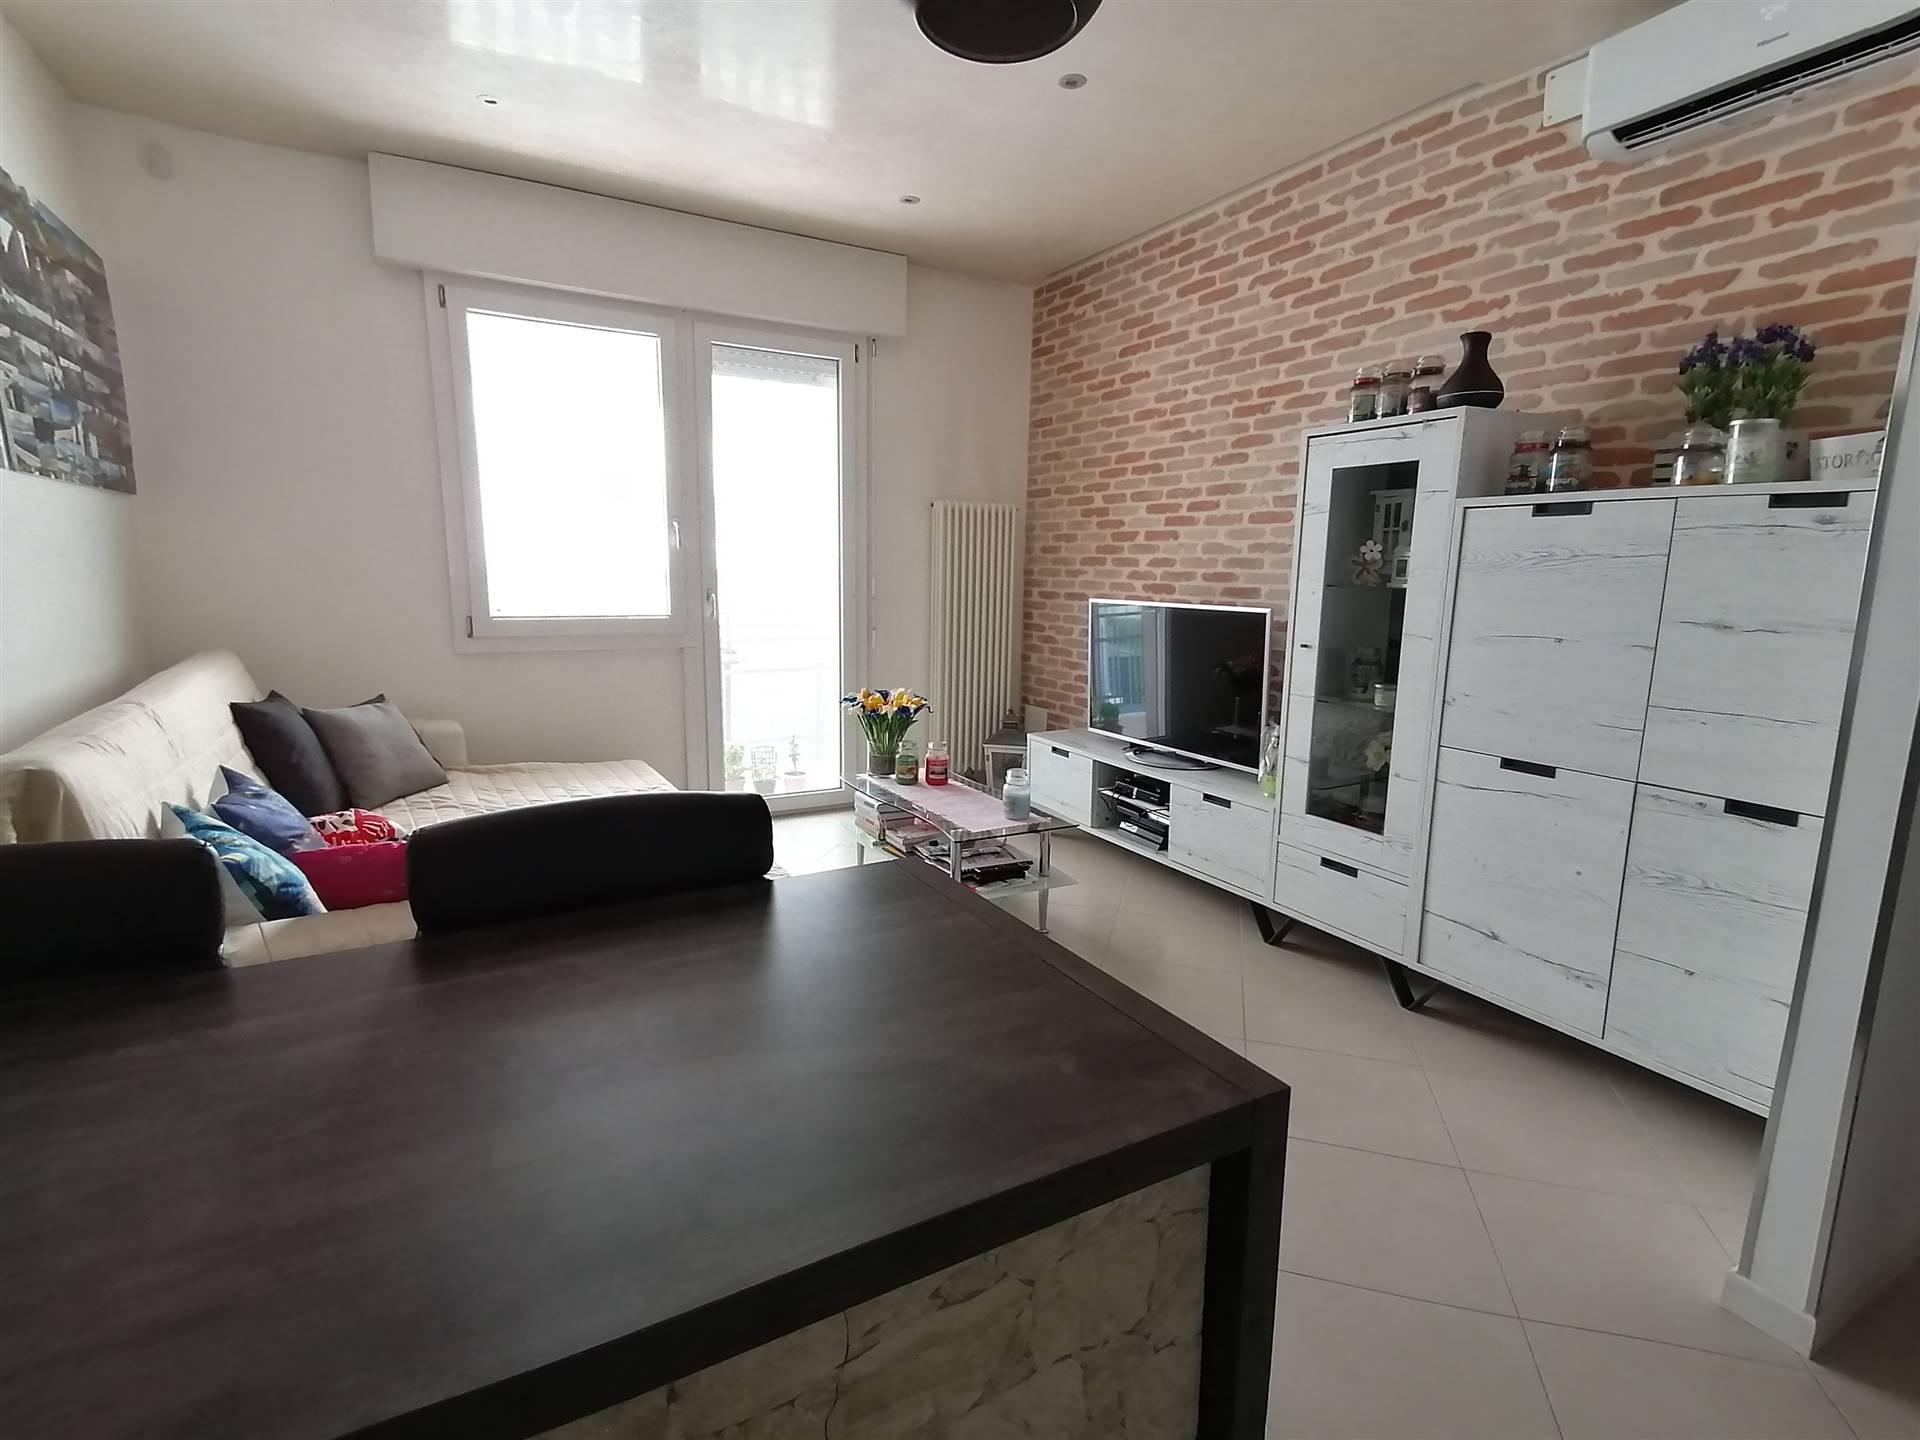 A soli 50 metri dalla piazza di SALZANO, proponiamo appartamento al primo piano su contesto di sole 4 unità abitative. L'immobile è caratterizzato